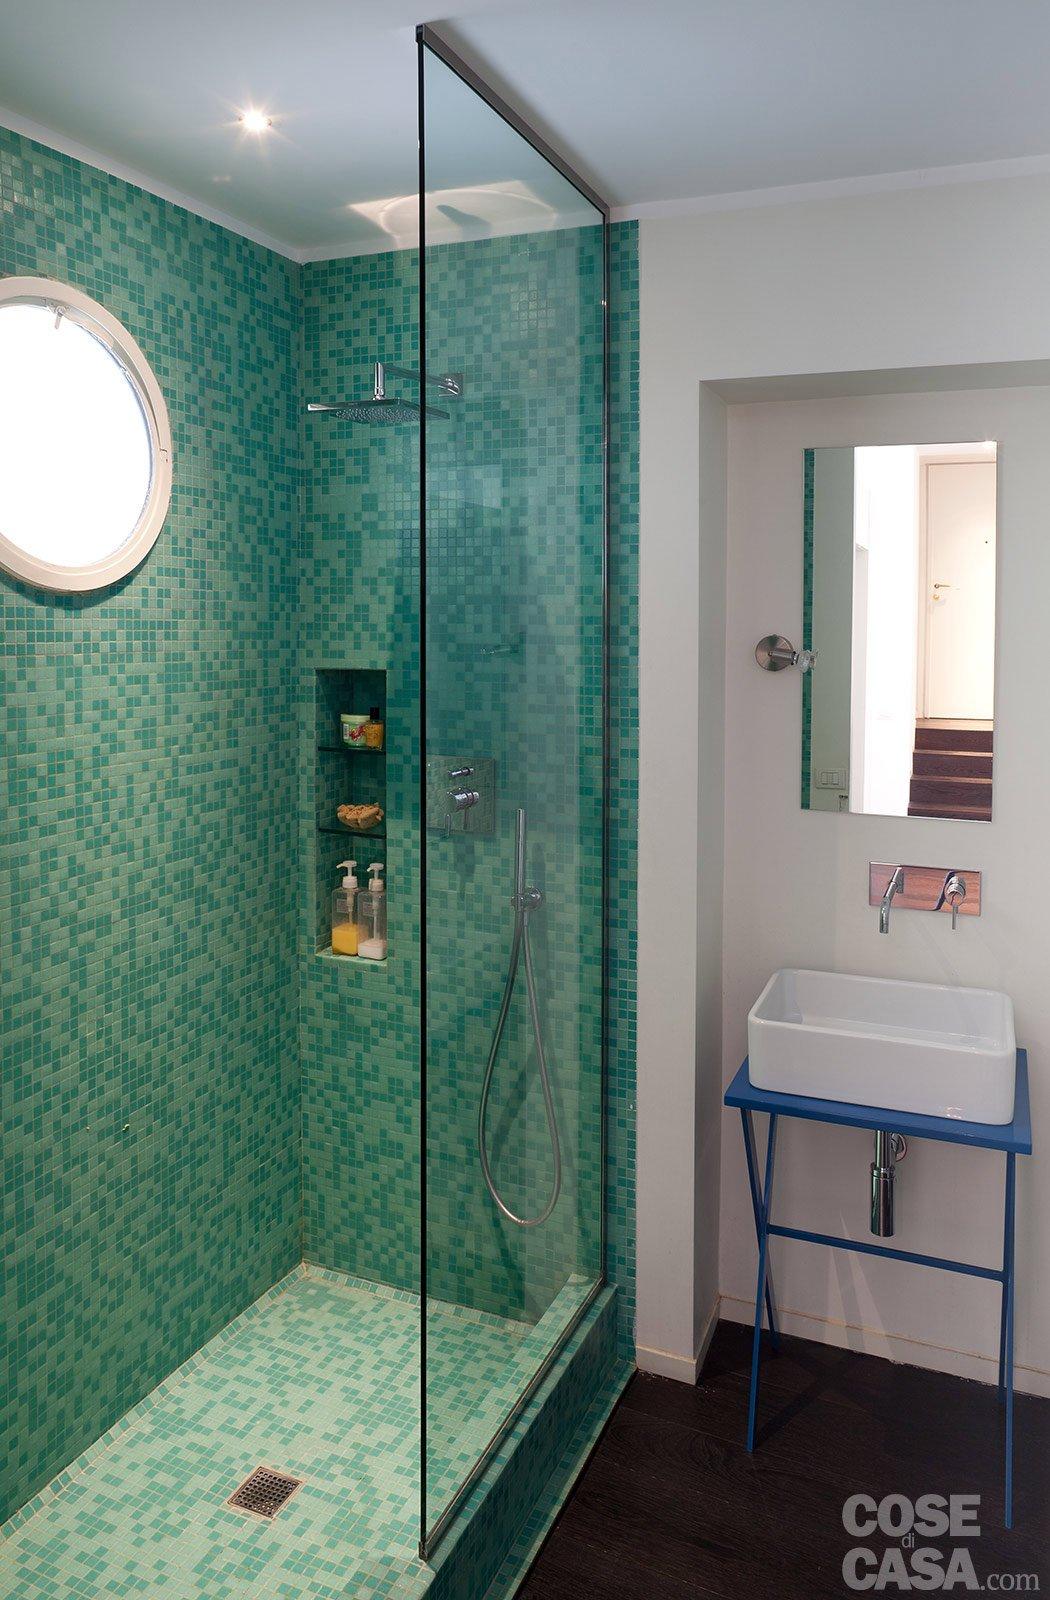 70 mq la casa migliora cos cose di casa - Nicchie in bagno ...